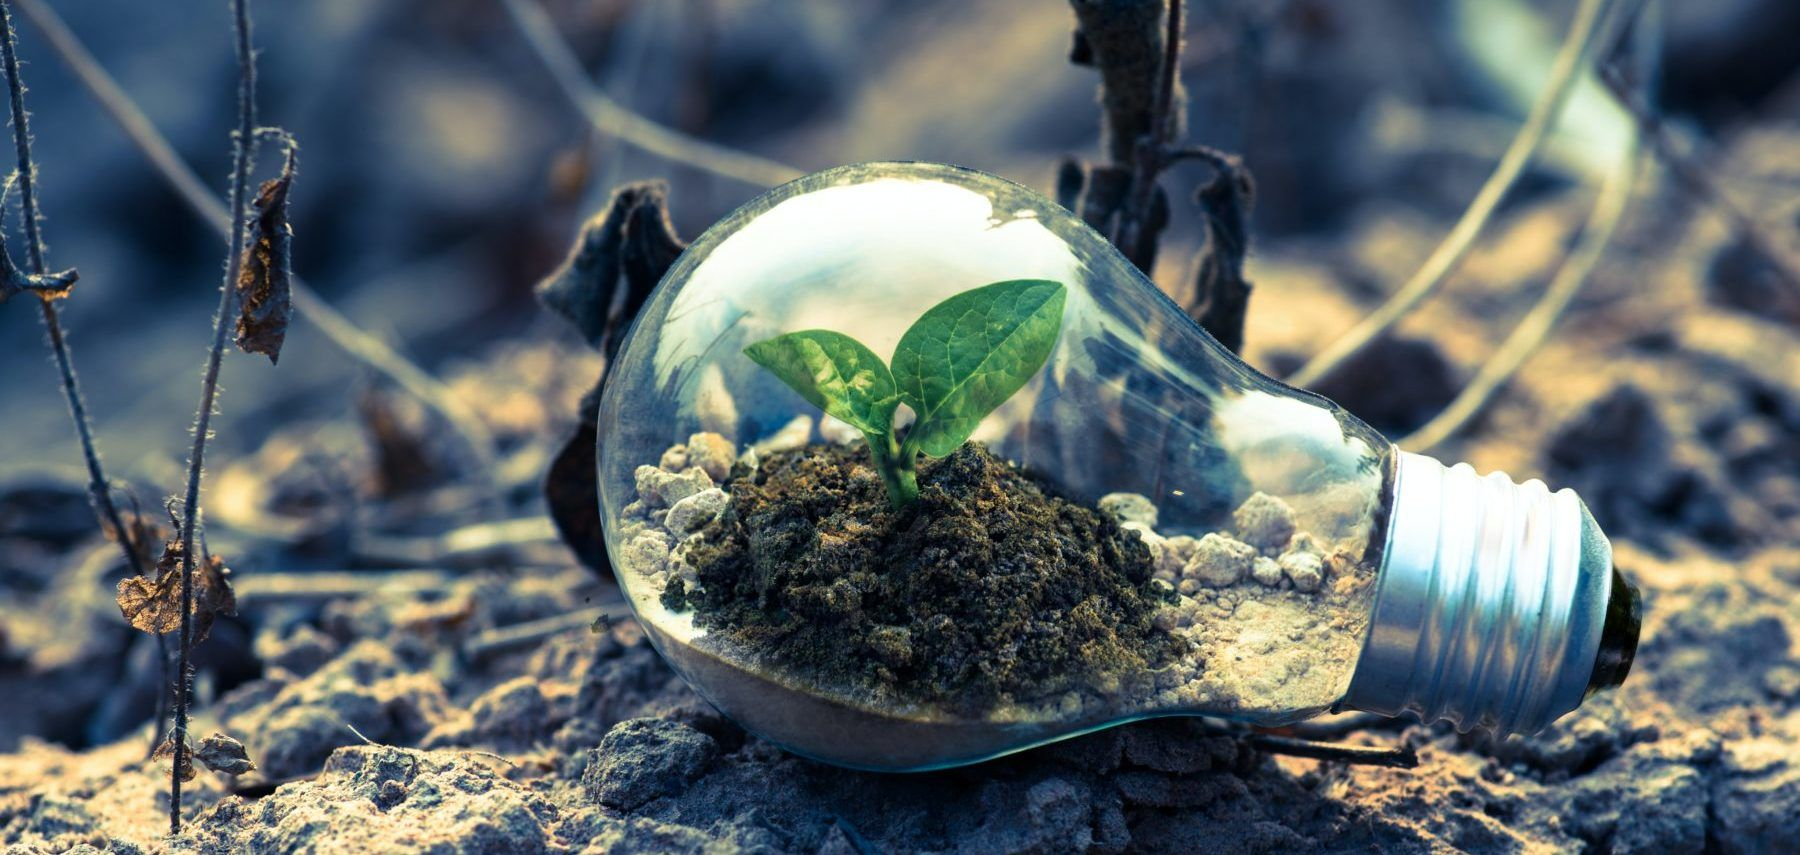 Eine Glühbirne die auf den Boden liegt gefüllt mit Erde und einer grünen Pflanze - suggeriert Nachhaltigkeit. Ökologischer Fußabdruck von Produkten